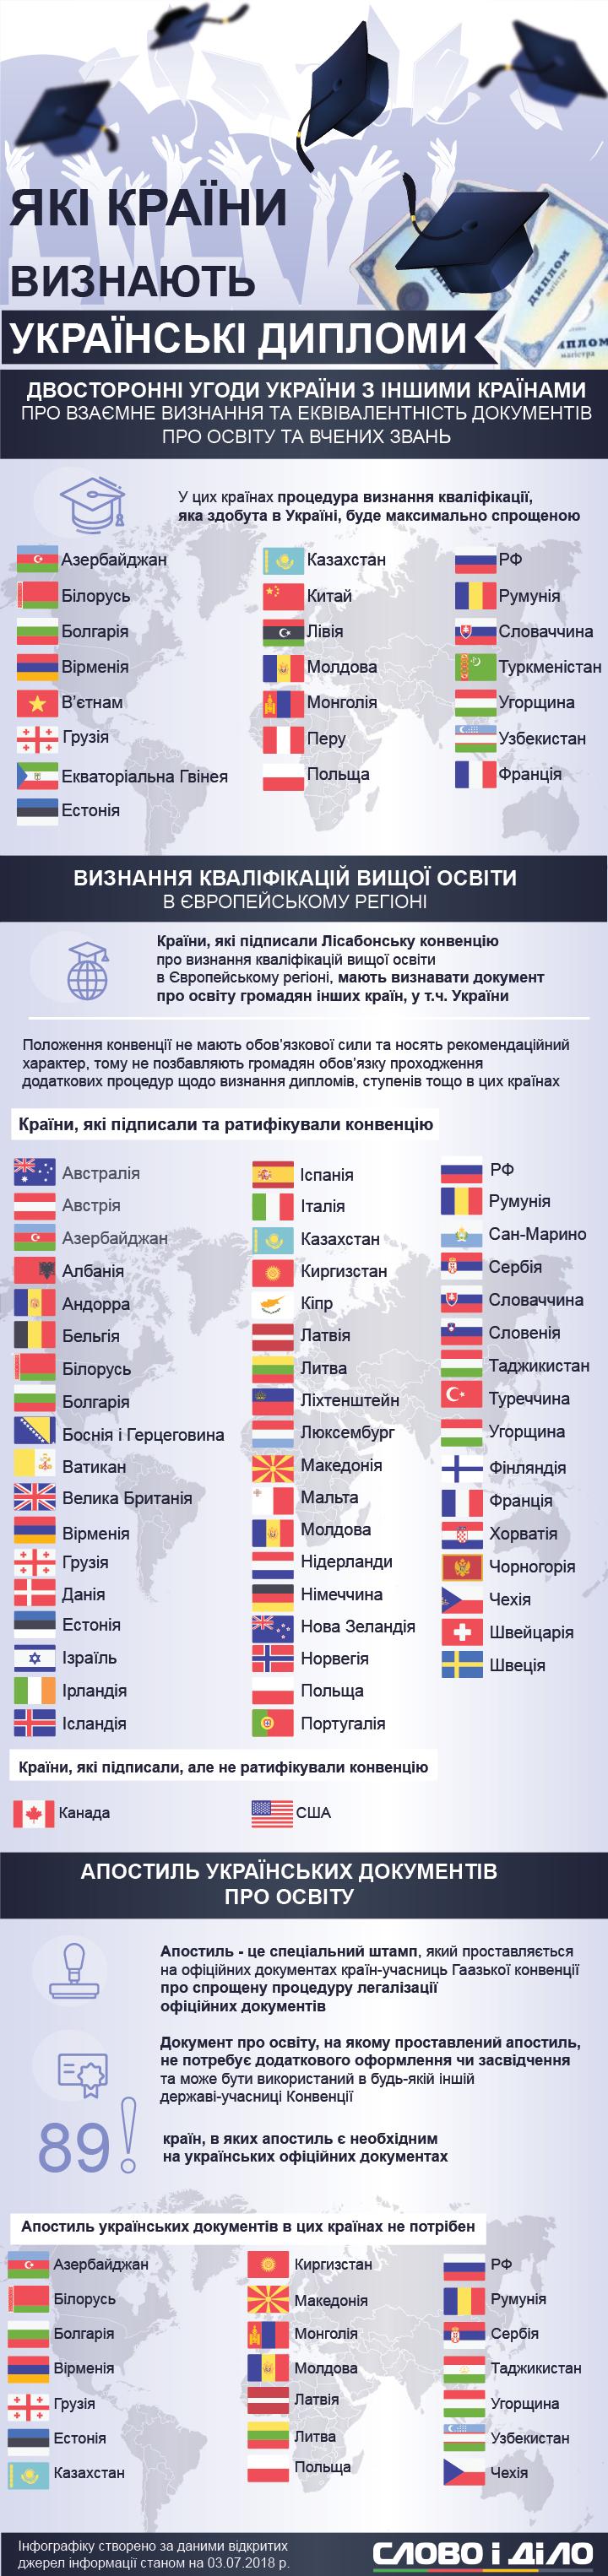 Українські дипломи визнають у країнах СНД, а також у 89 кранах світу без особливих вимог. У Польщі, Чехії та деяких європейських країнах можуть відмовити у визнанні диплому без апостилю.